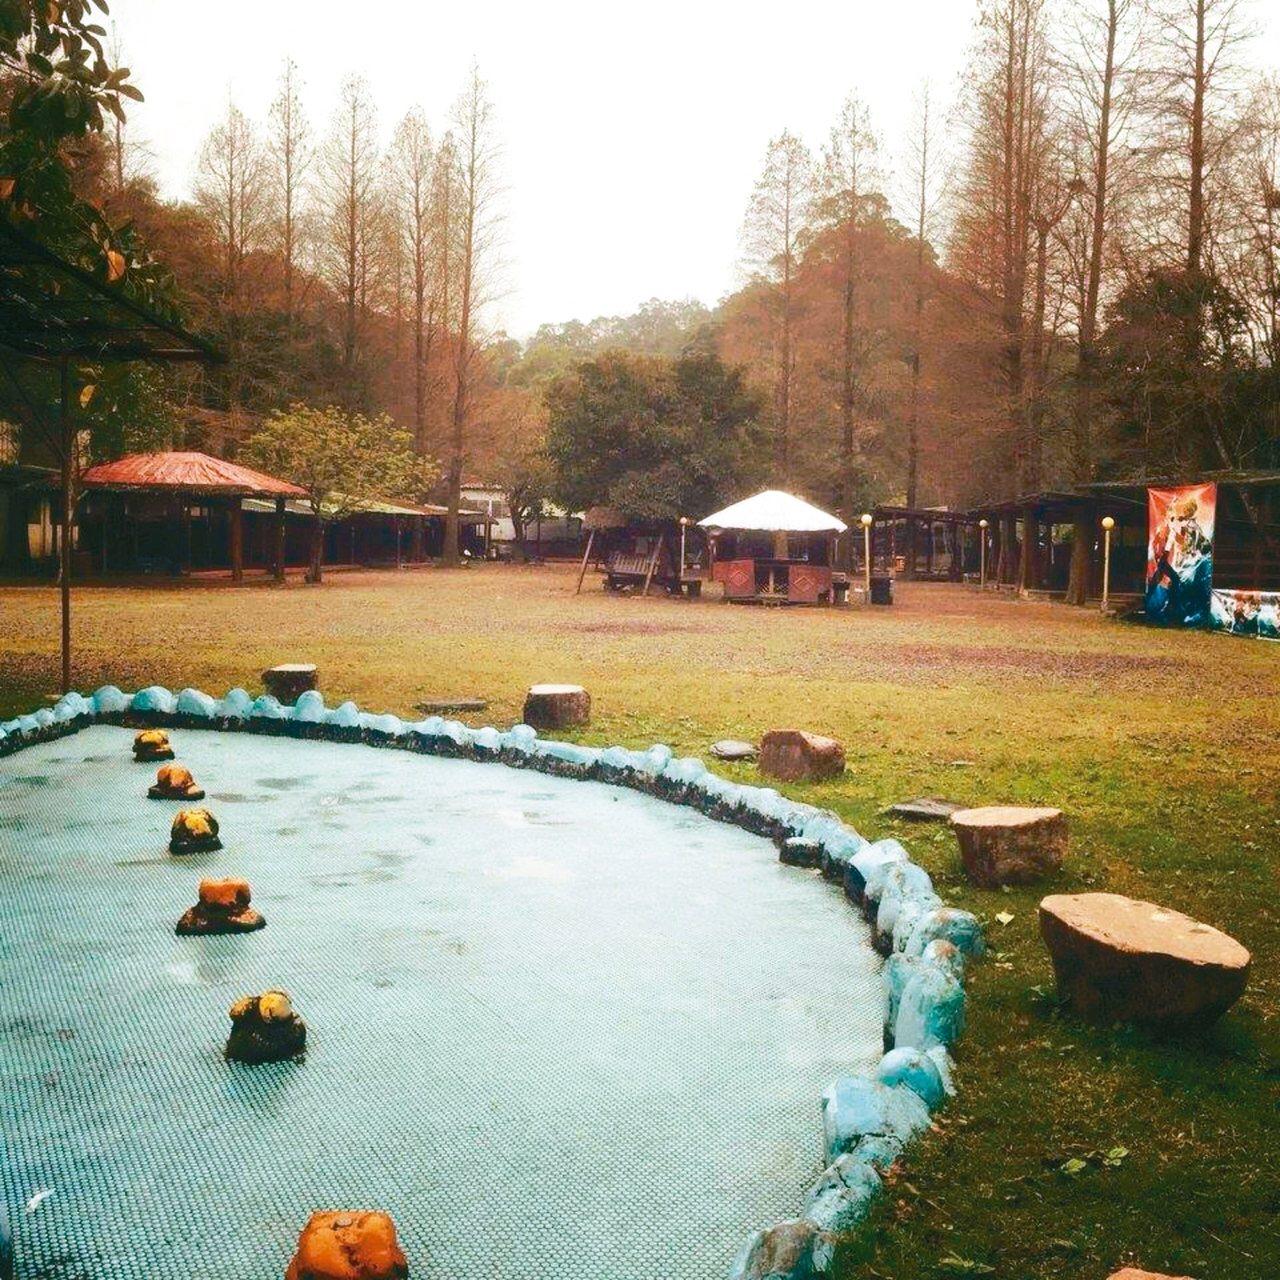 十二寮桐花谷露營區還有設置兒童戲水池。 圖/摘自十二寮桐花谷露營區粉絲專頁